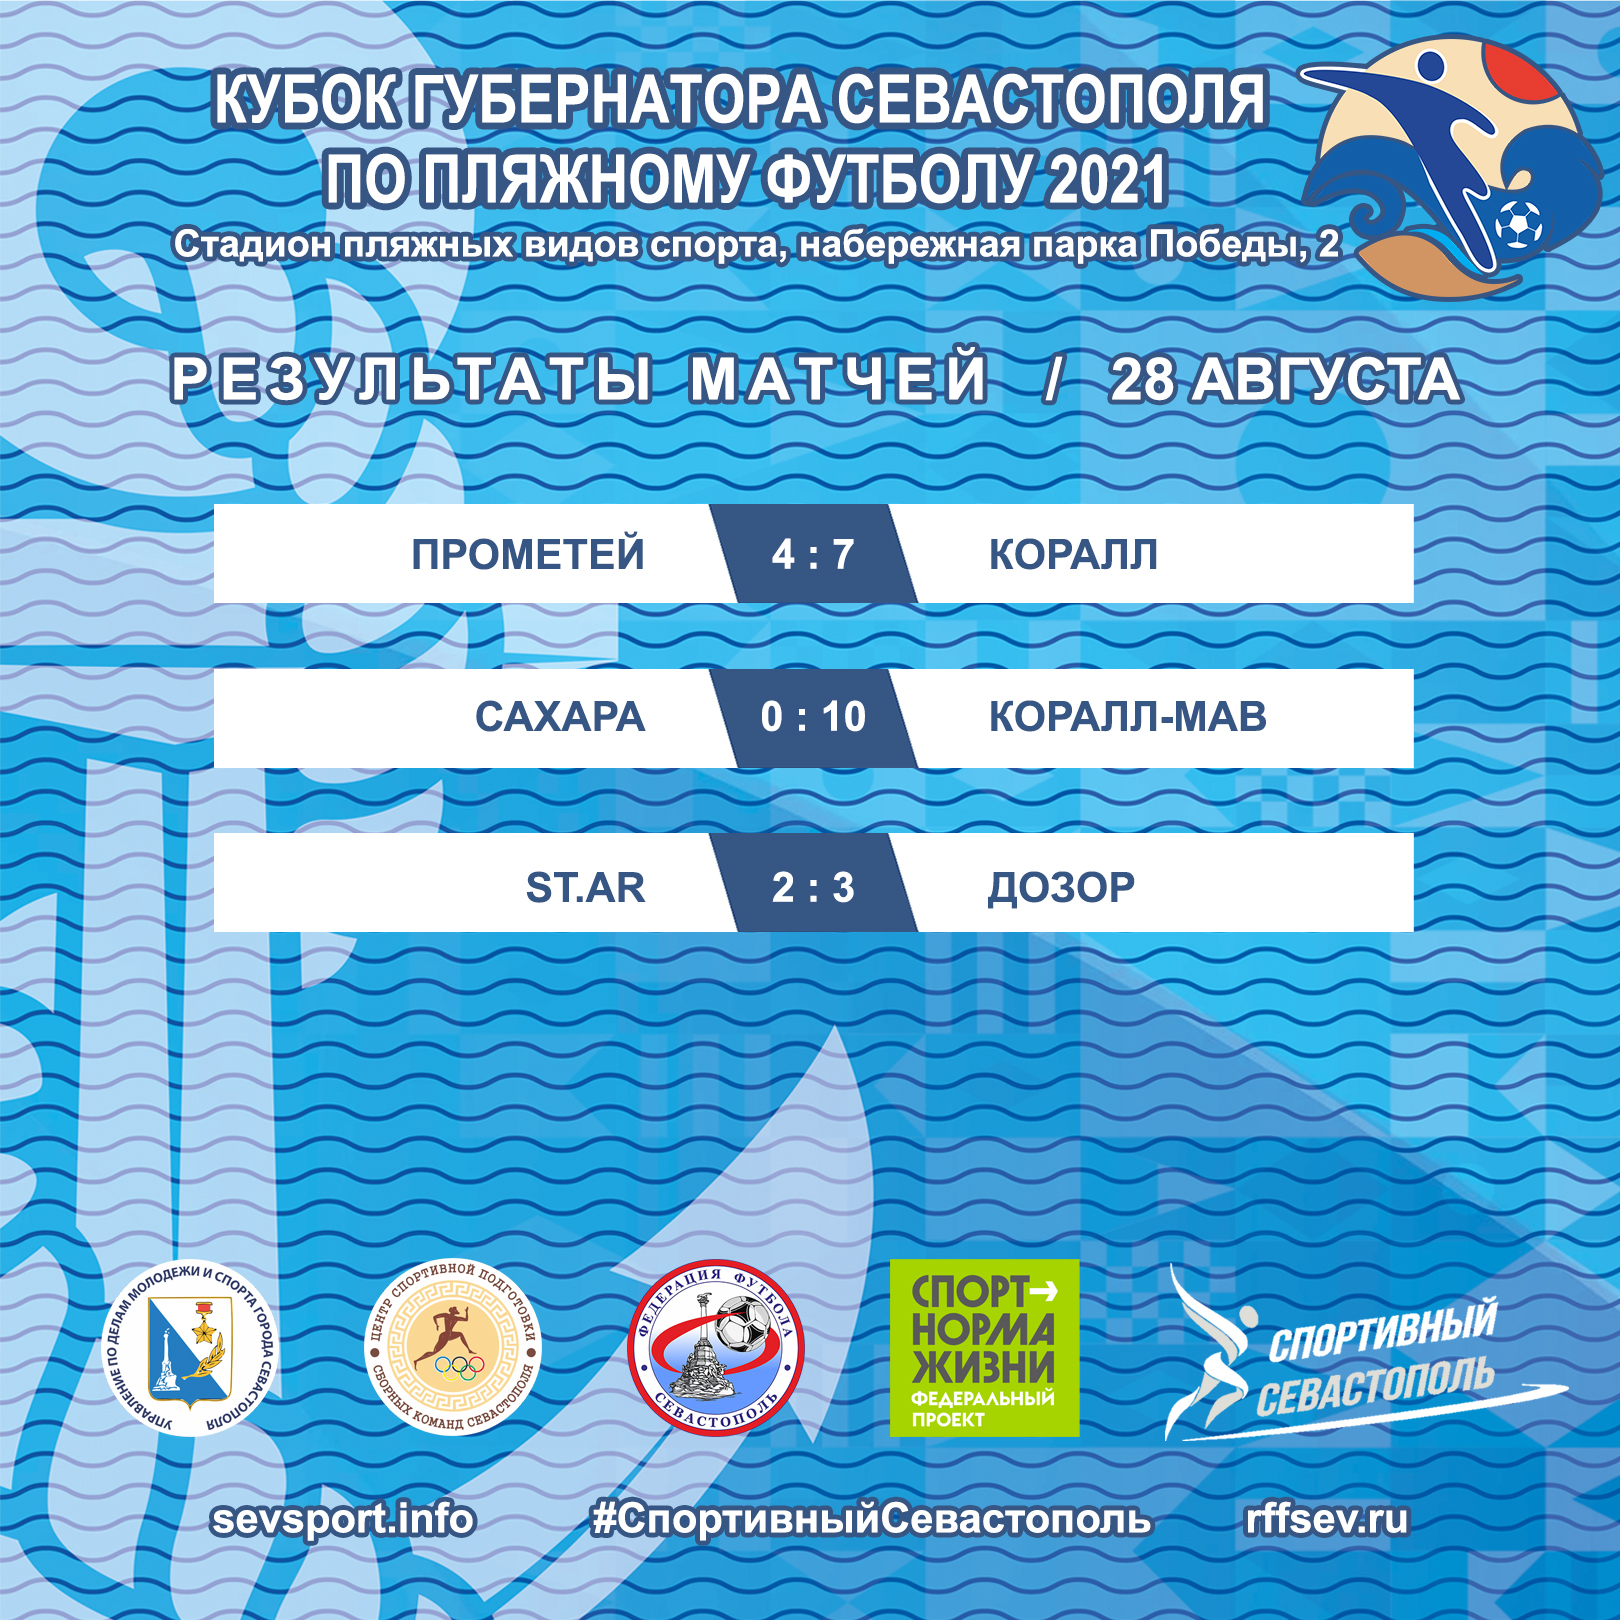 Кубок Губернатора Севастополя по пляжному футболу — 2021. Прошлогодние финалисты выбывают из борьбы